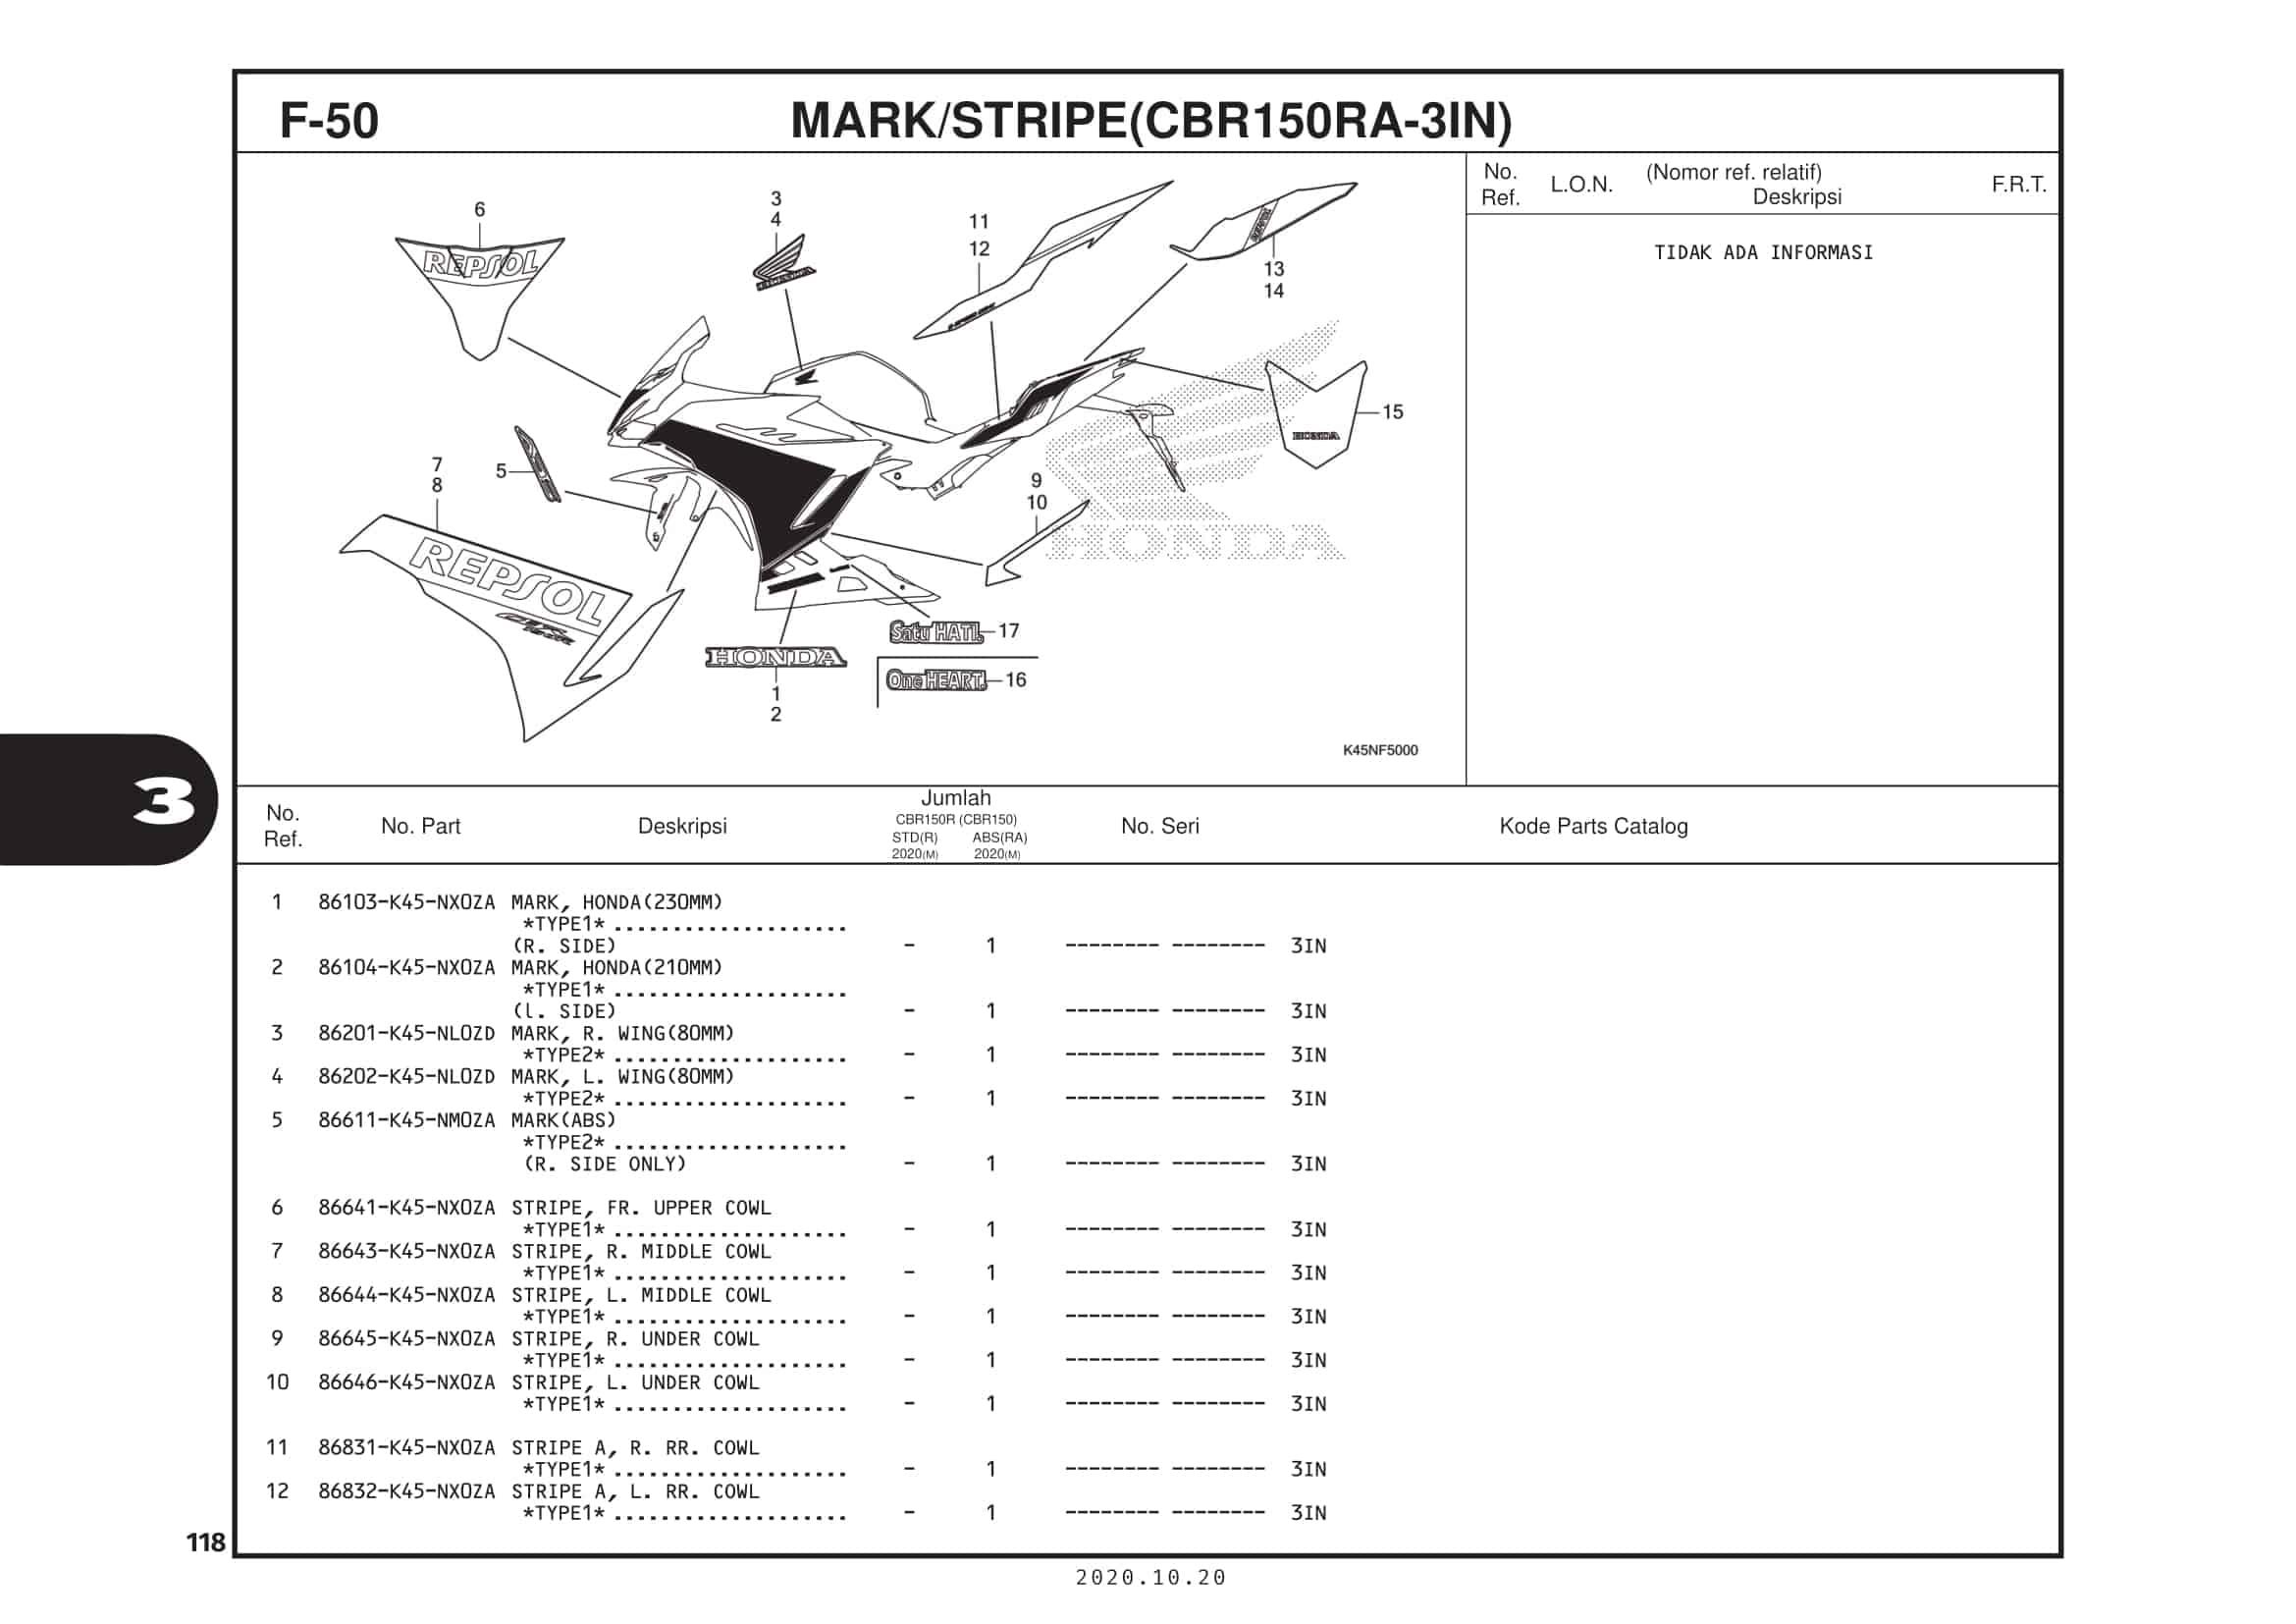 F-50 Mark/Stripe (CBR150RA-3IN)